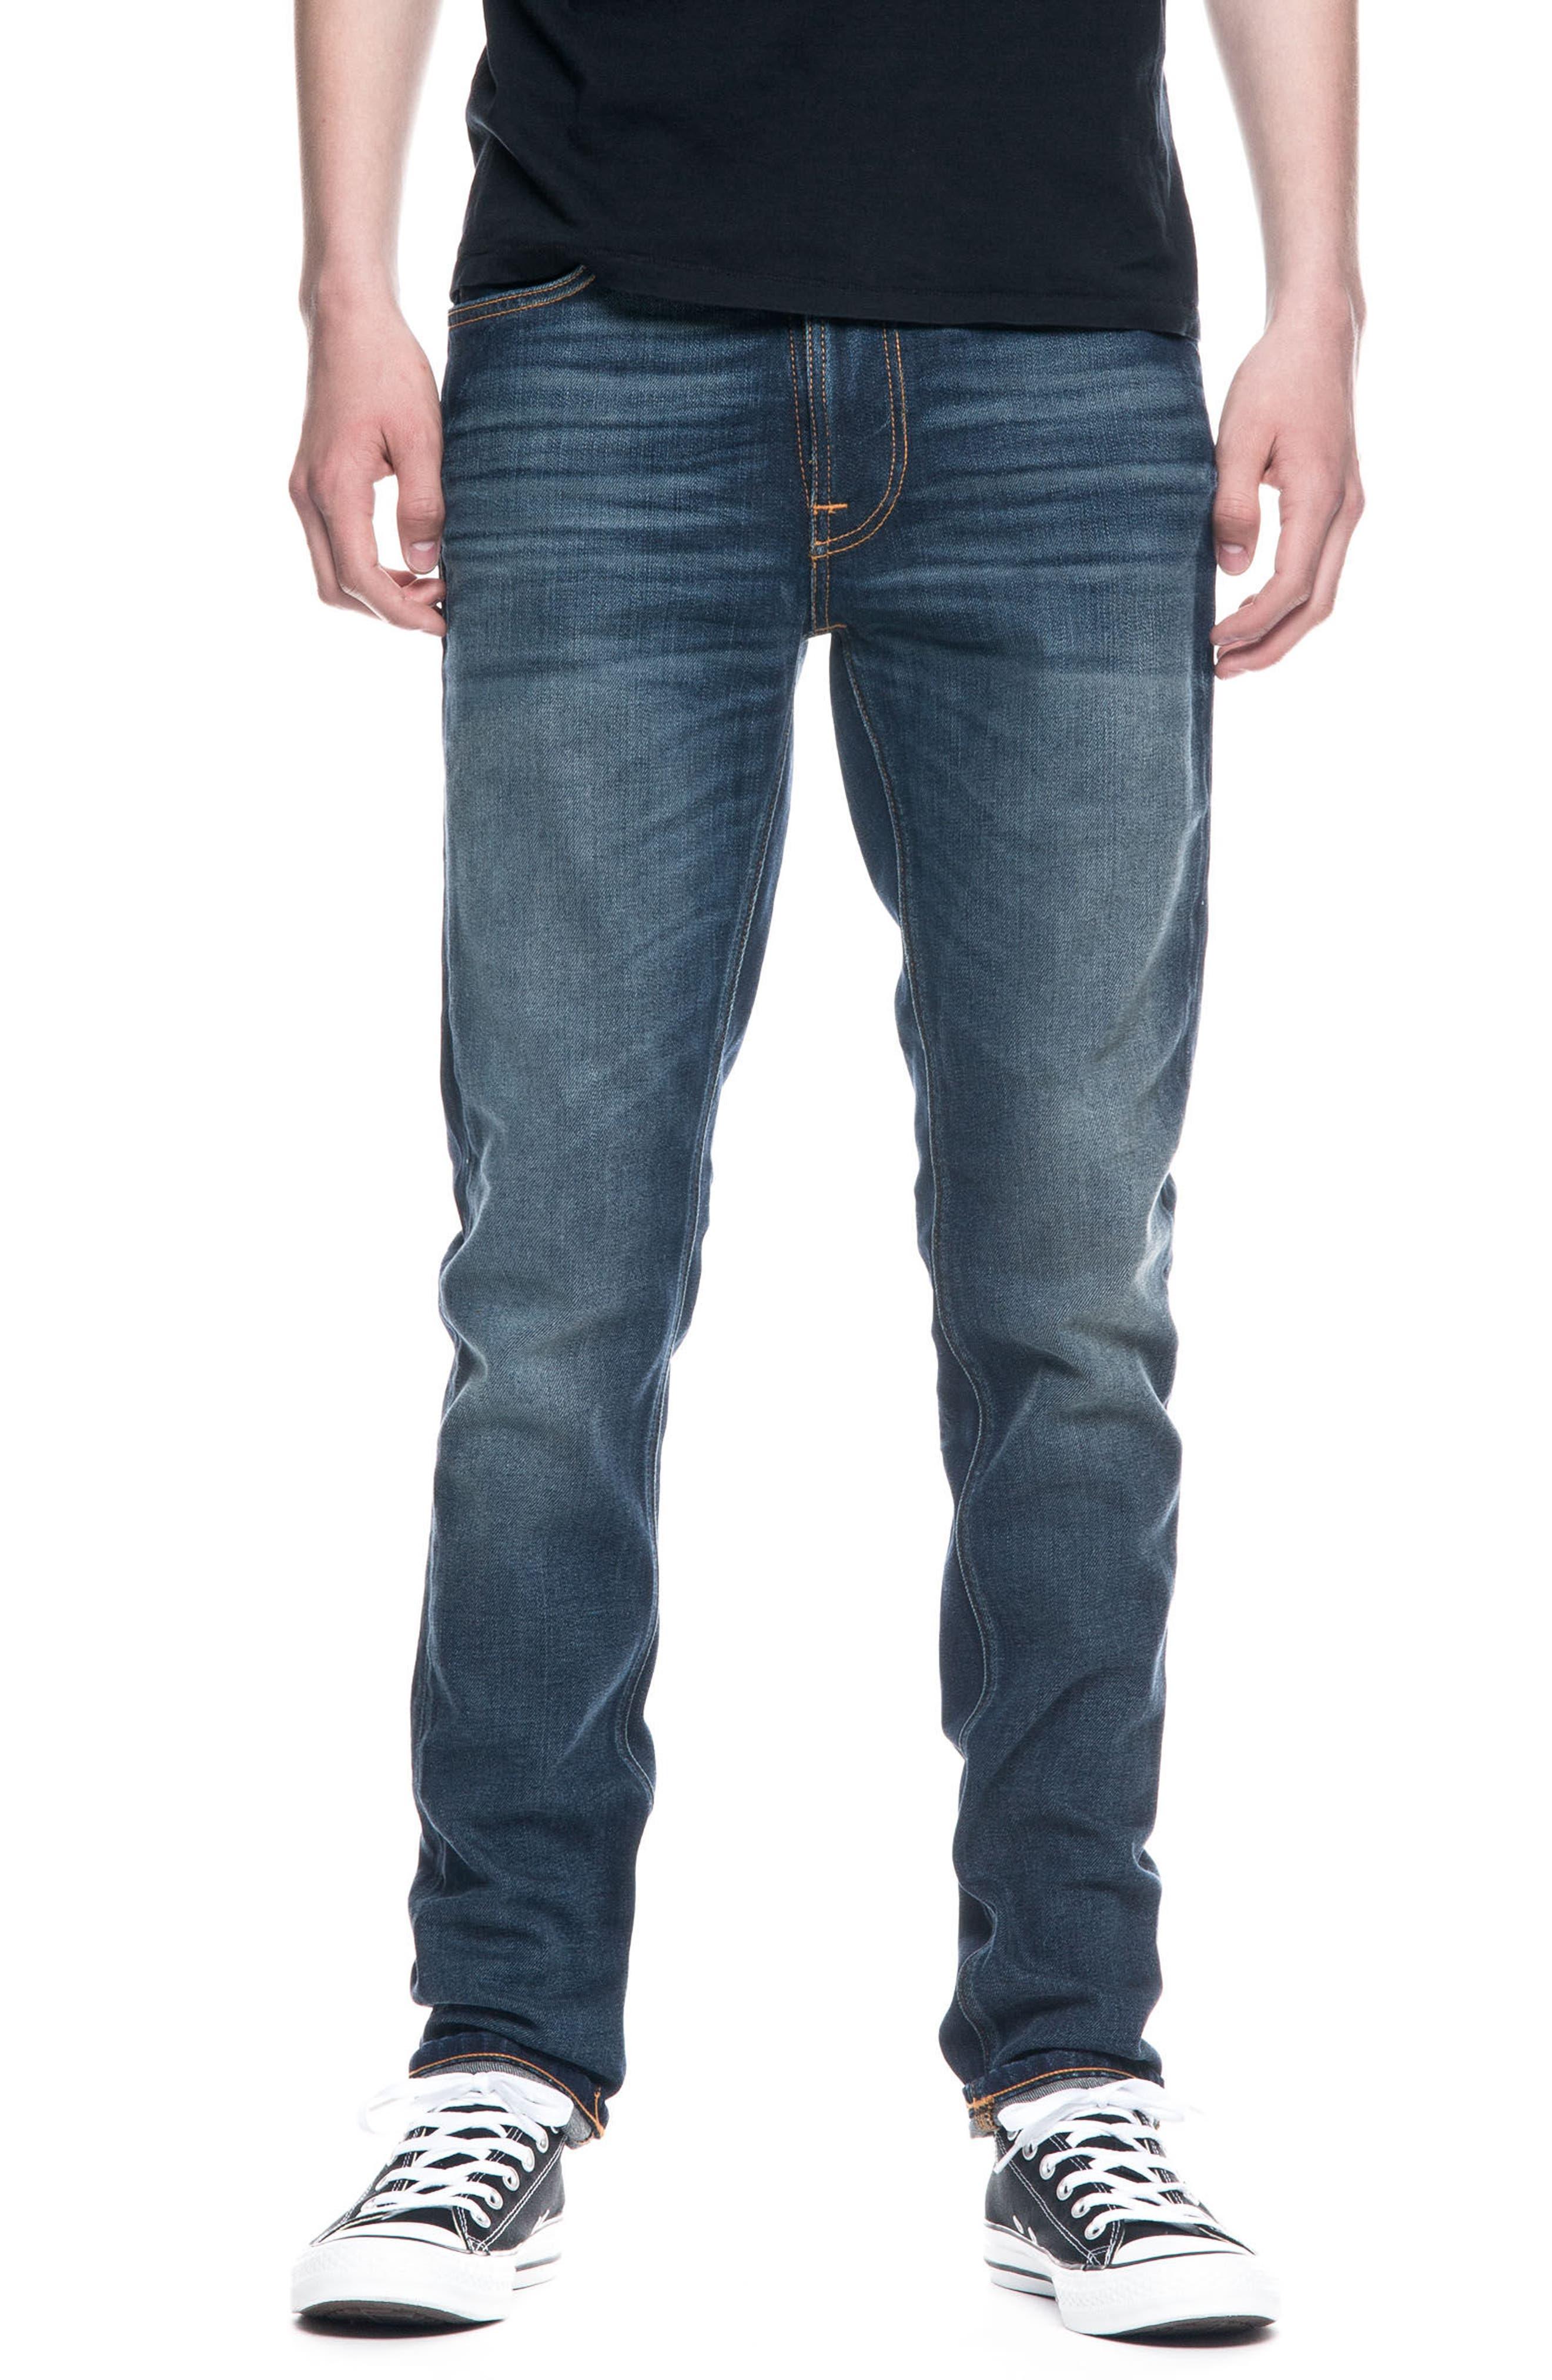 Nudie Jeans Lean Dean Slouchy Slim Fit Jeans (True Hustle)